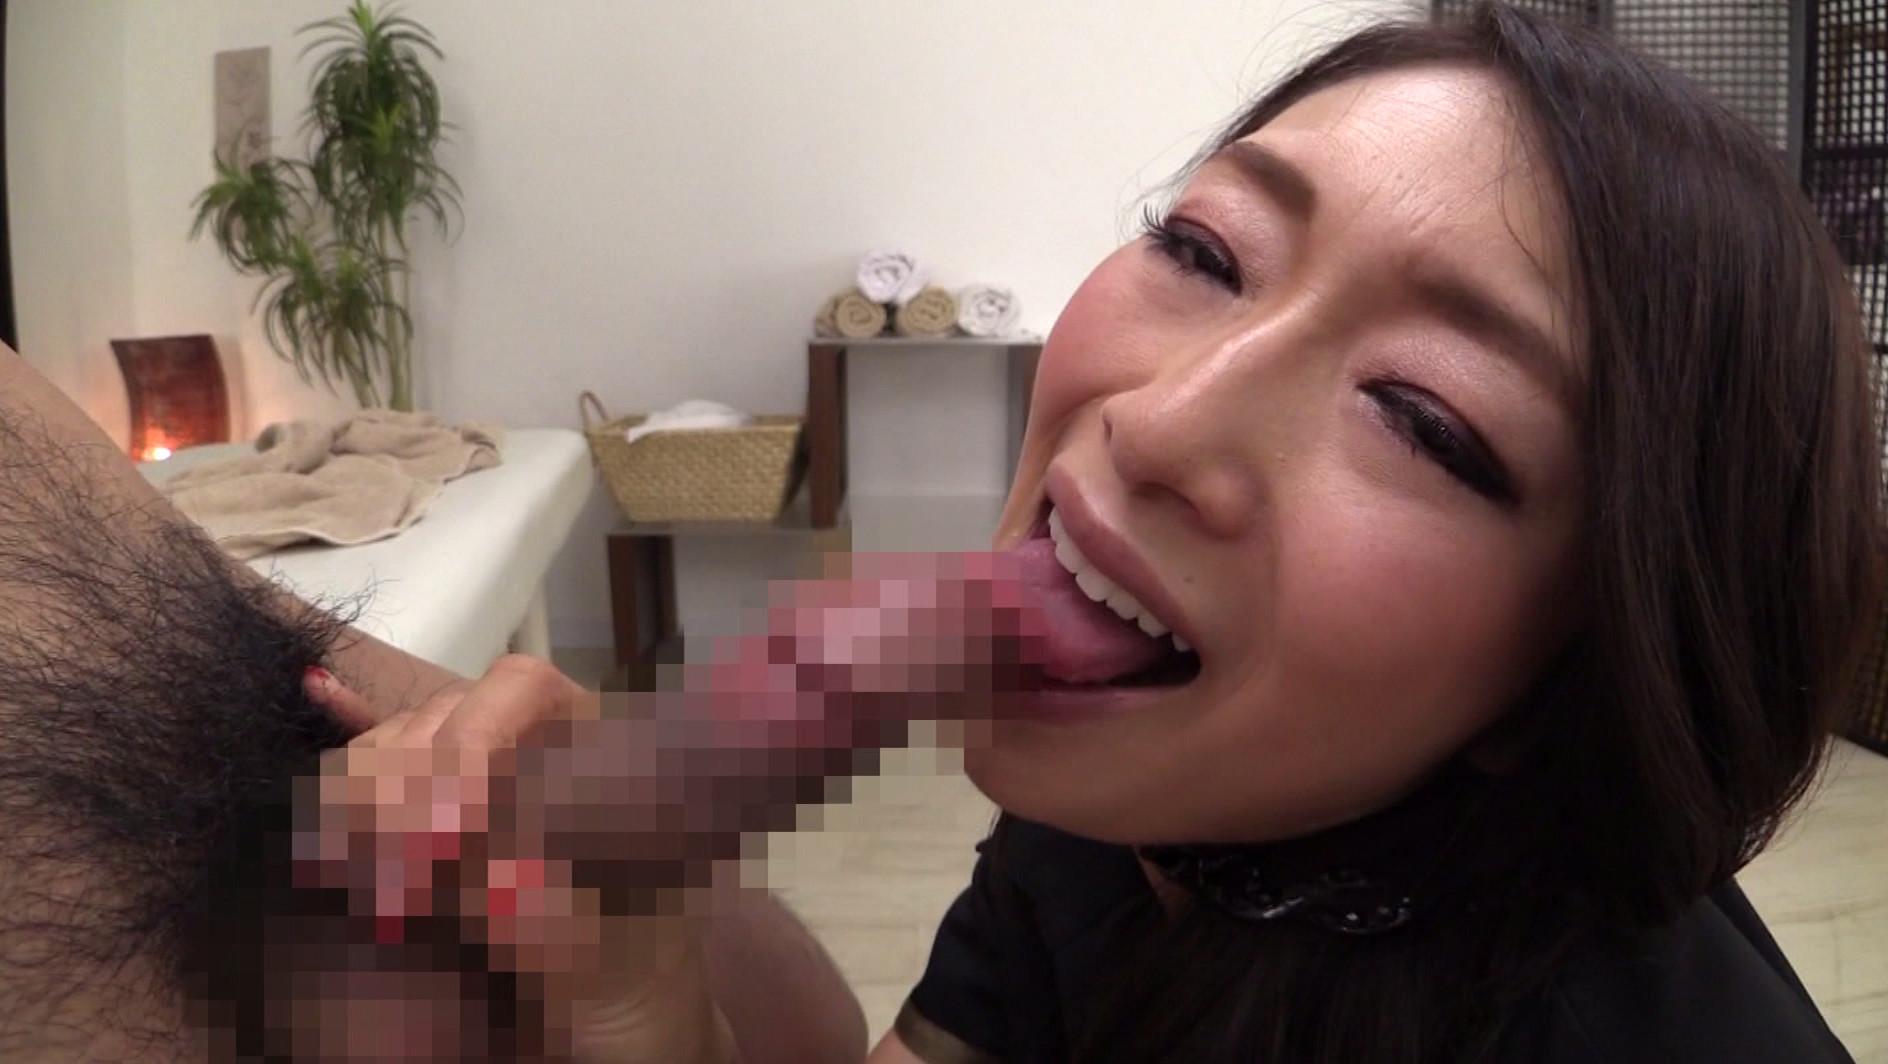 いいのよ、私に生ハメ種付けしちゃって...。淫語で誘惑し膣内射精でイキ狂う美熟女たち 画像13